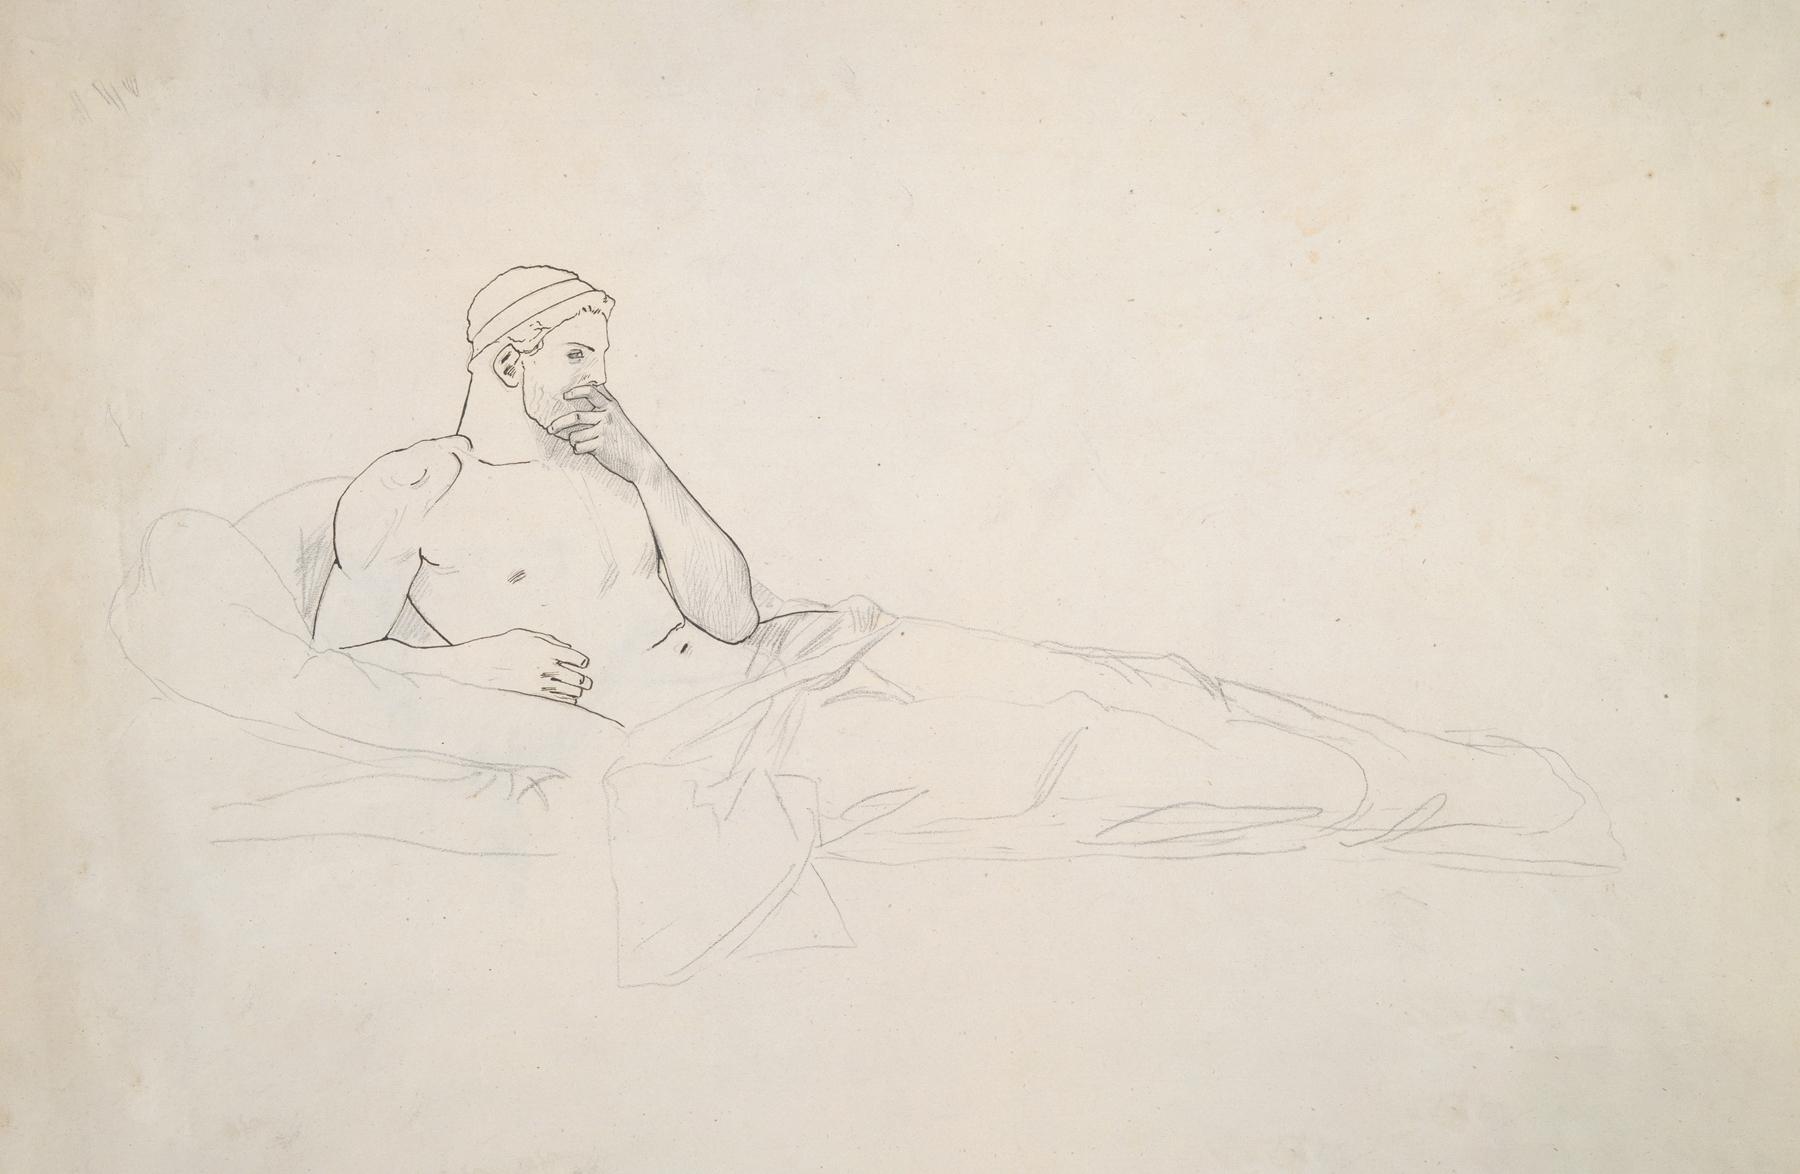 Jean-Léon Gérôme - Study for King Candaules